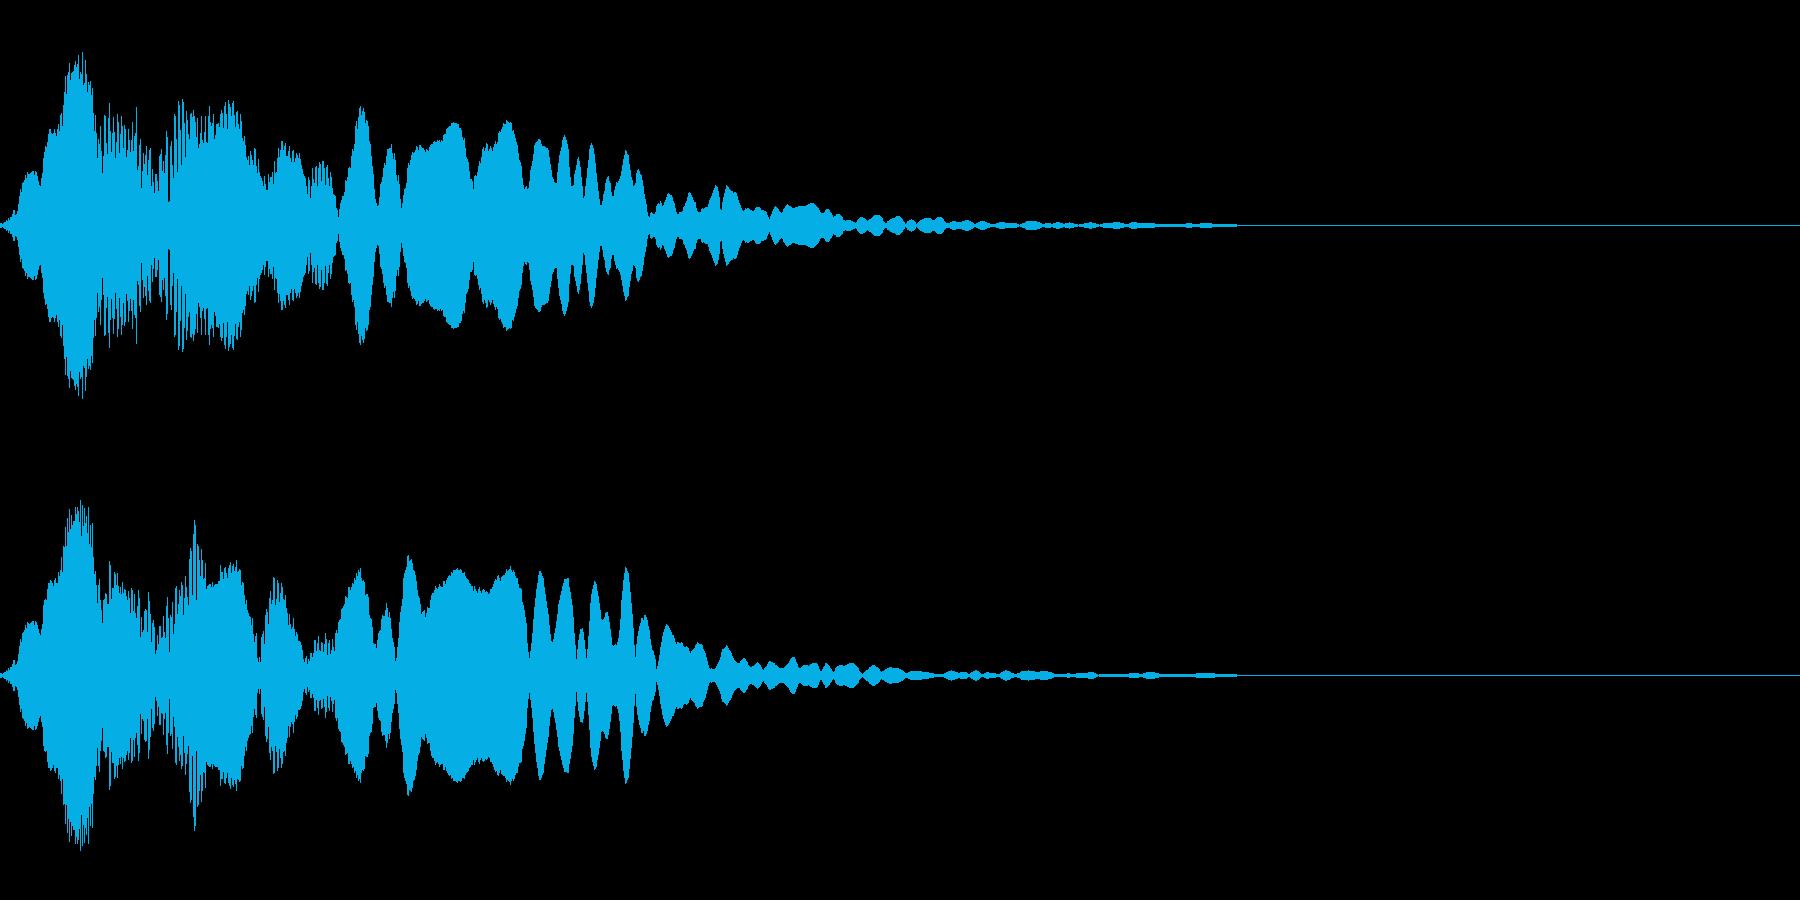 忍者登場 RPG ゲーム  尺八の再生済みの波形